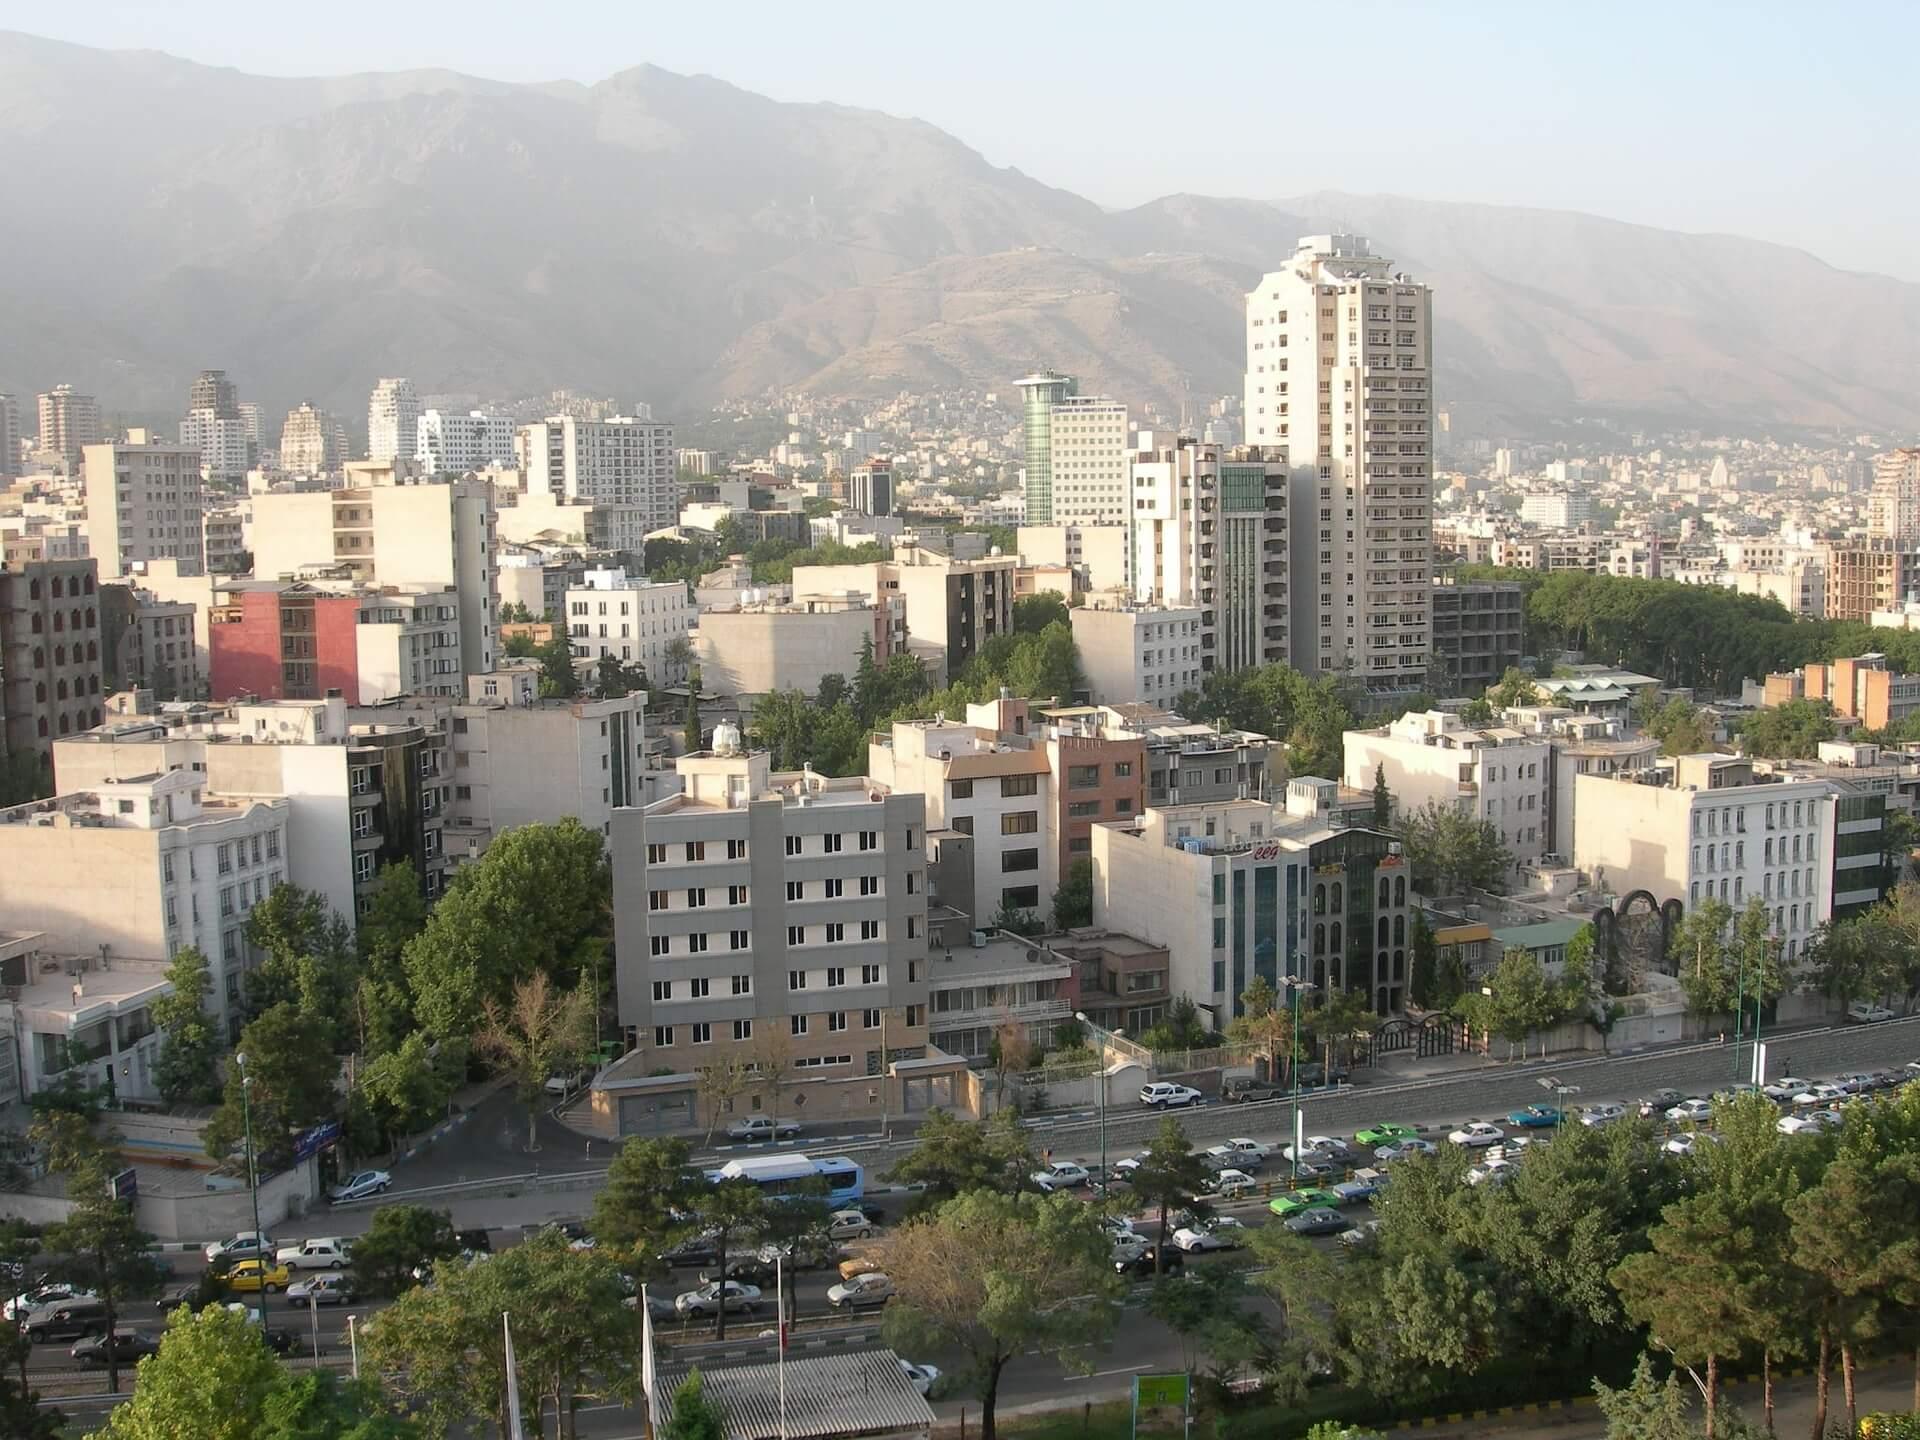 Direktflüge und Billigflüge in den Iran